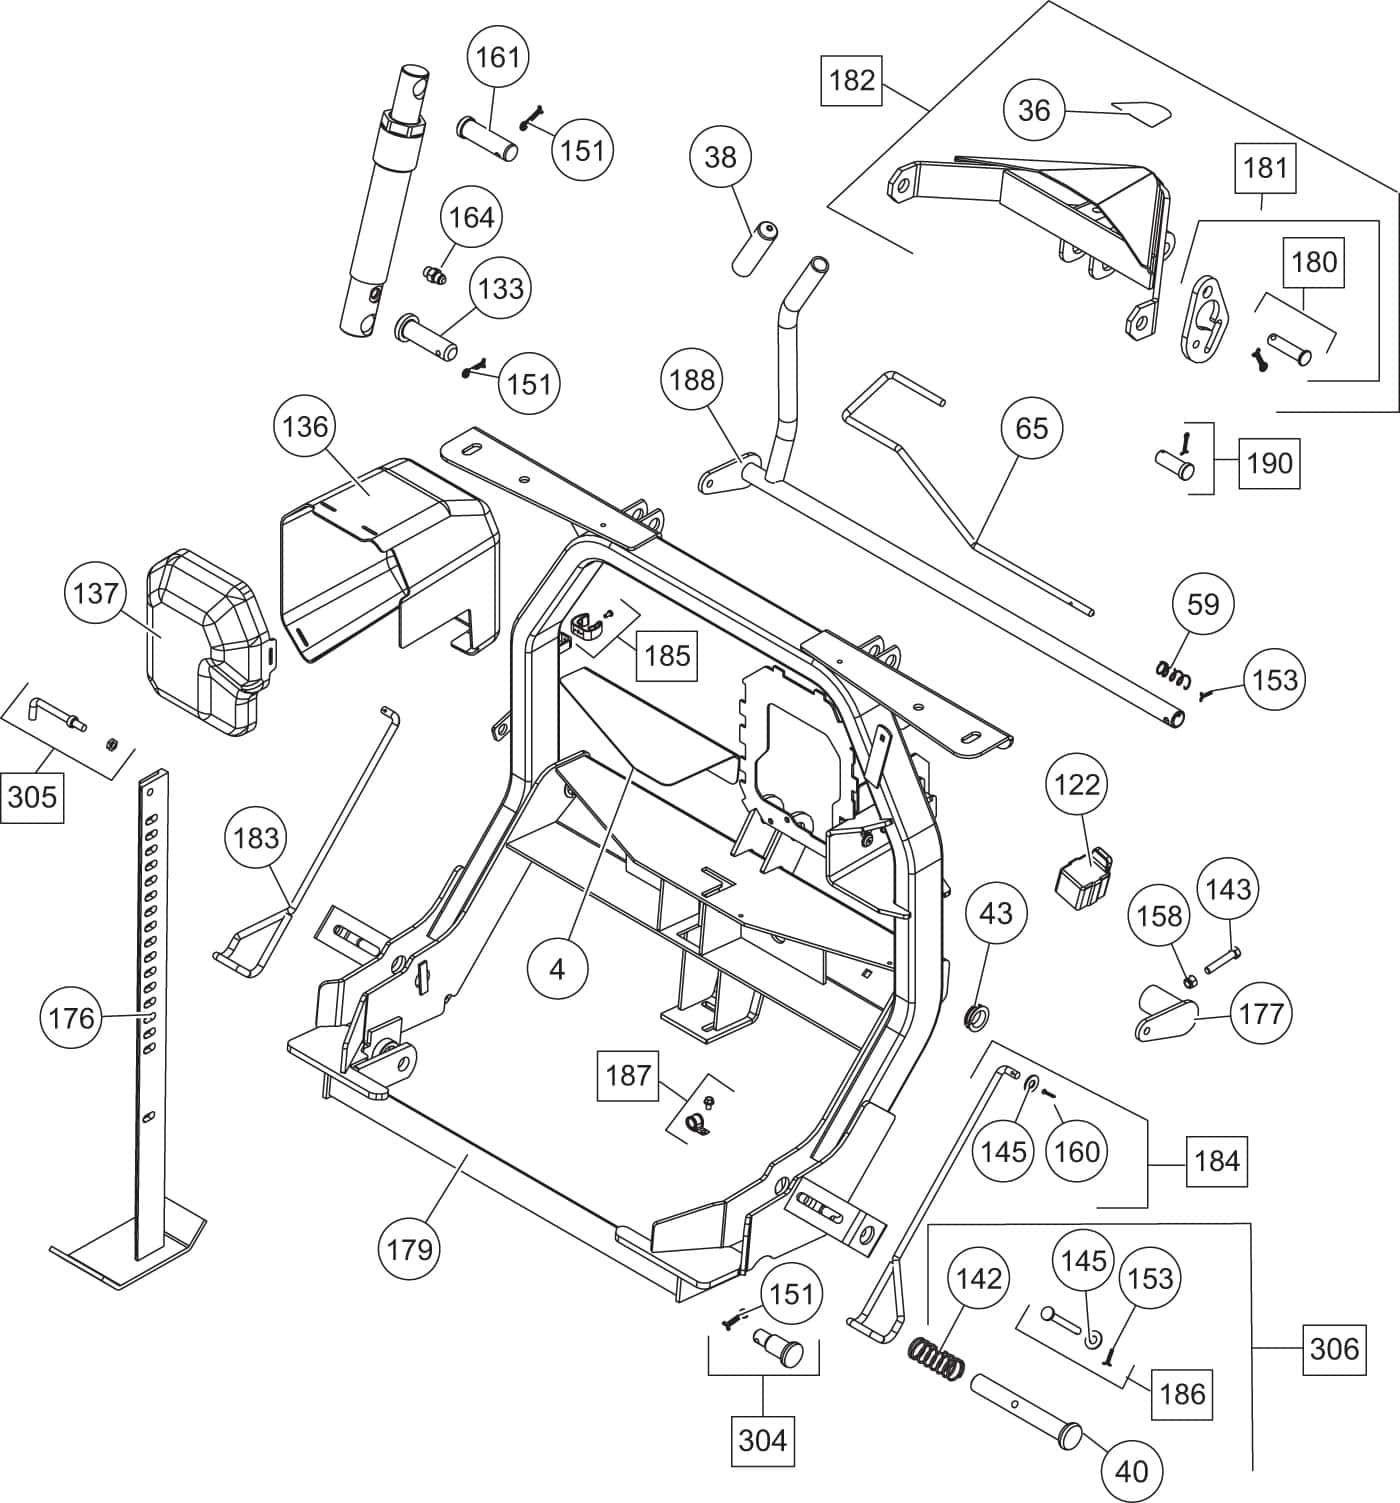 99 mustang 3.8 wiring diagram